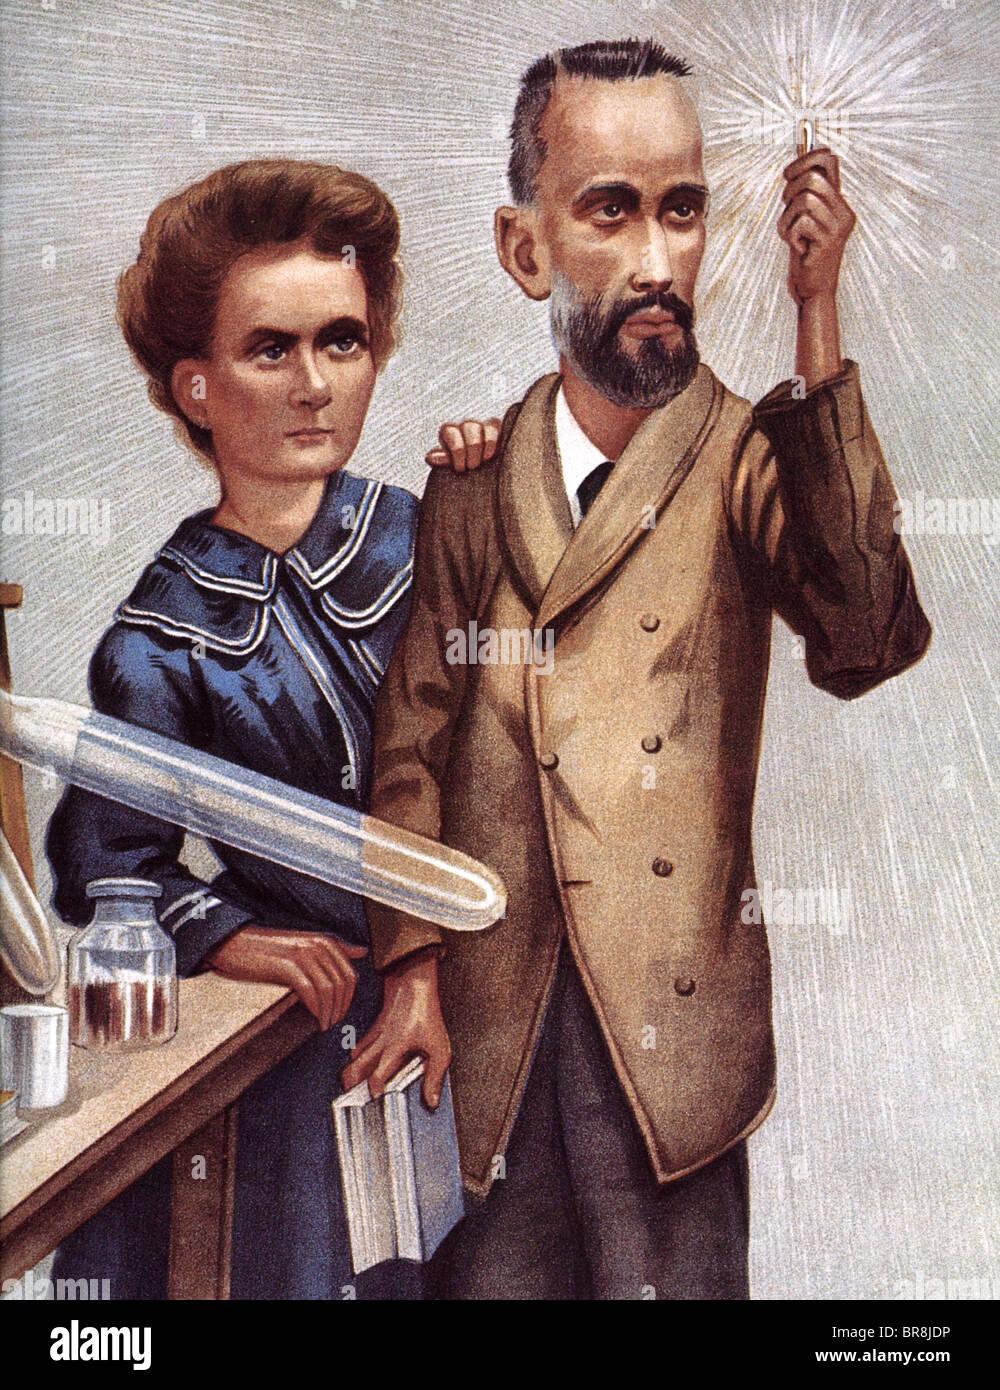 Le physicien français MARIE CURIE et son mari Pierre dans une illustration 1904 qui indique de façon erronée Photo Stock